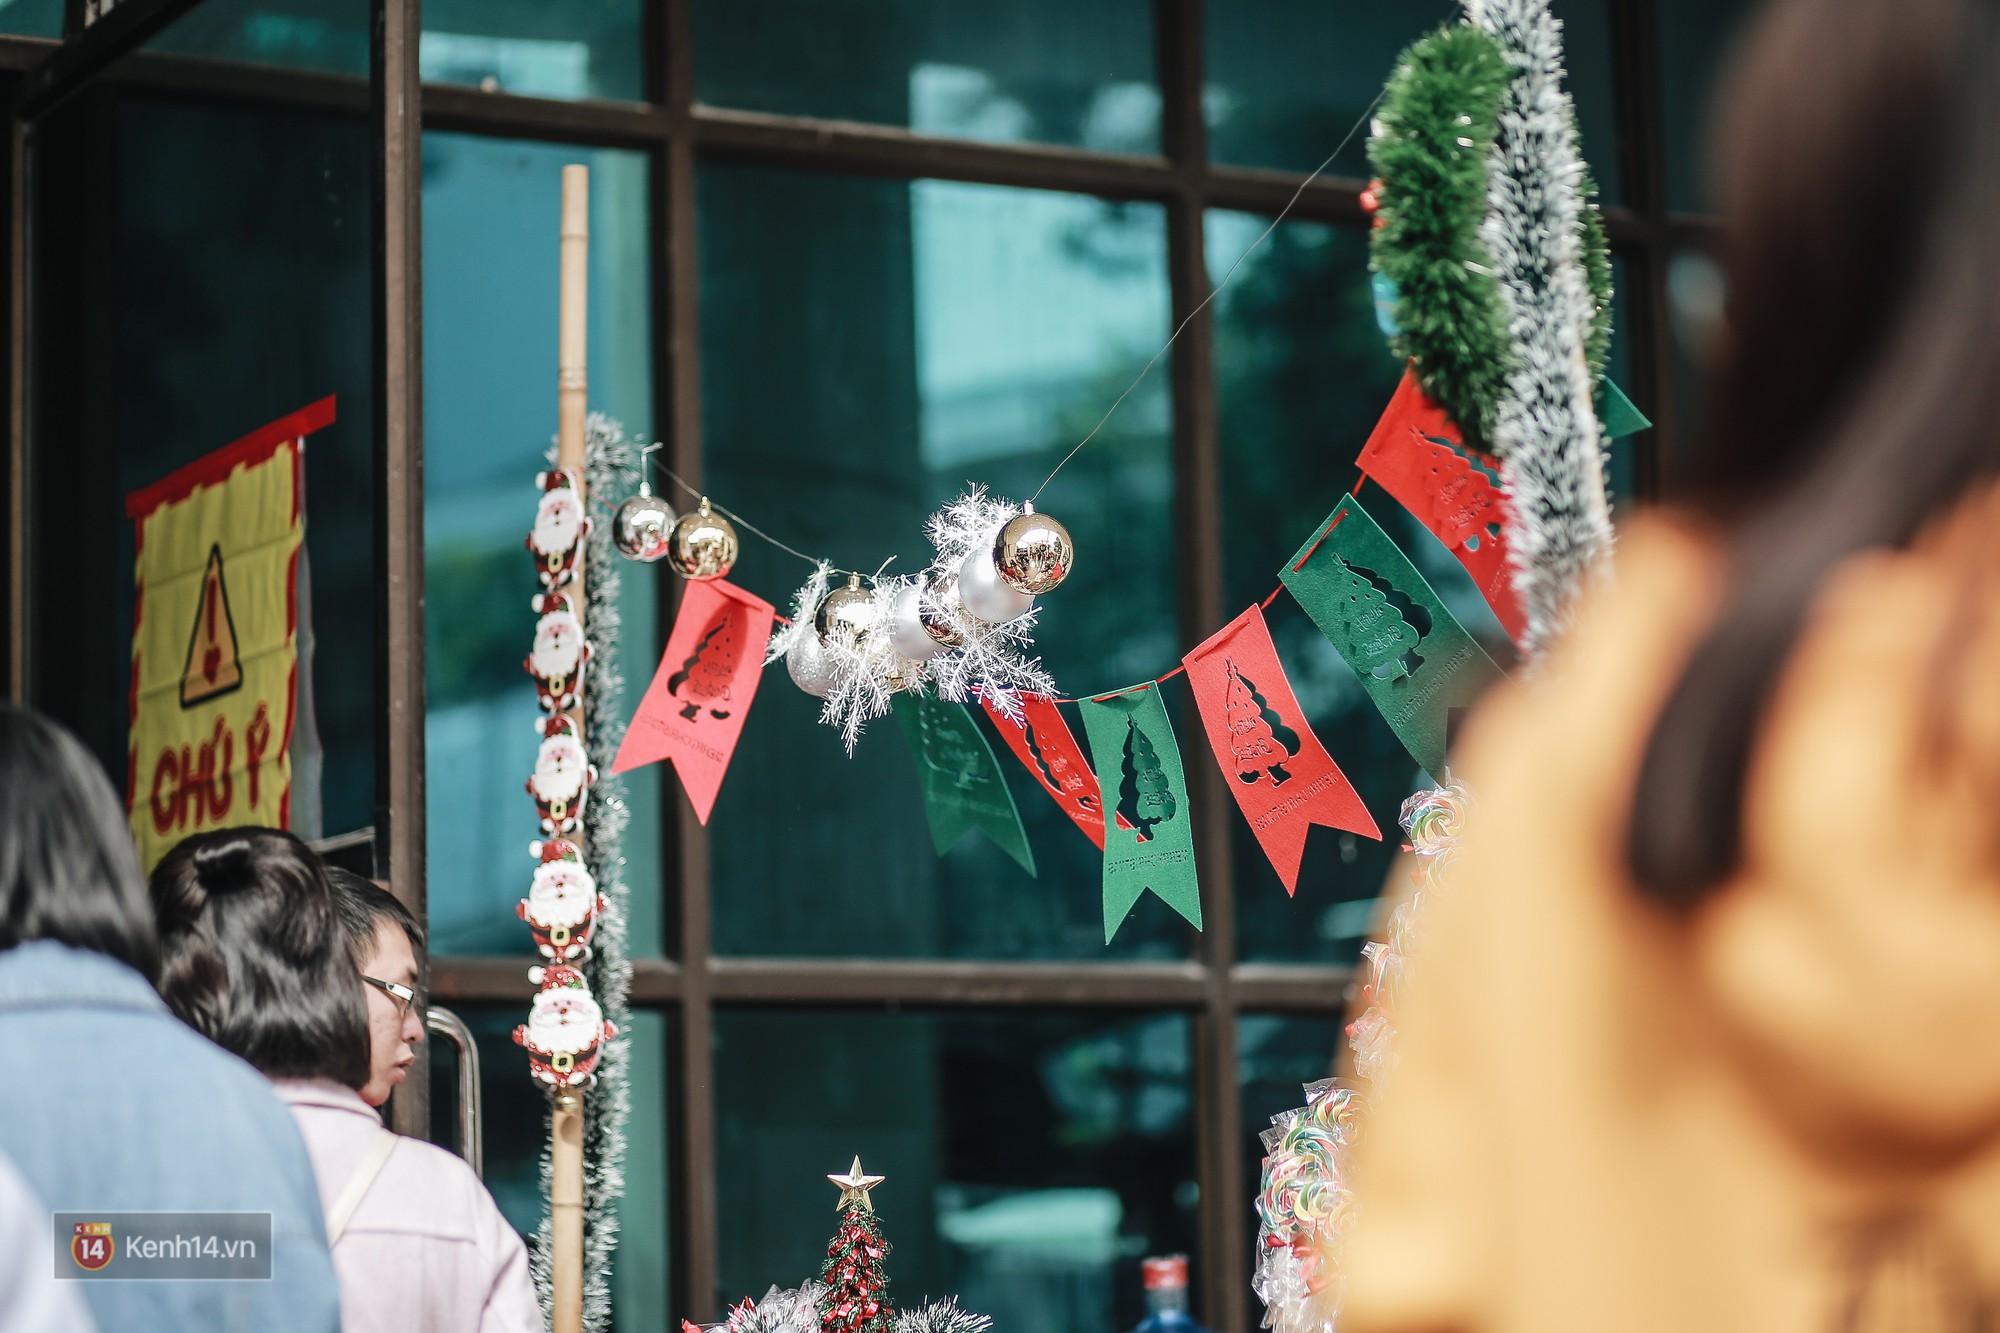 Giới trẻ Hà Nội ùn ùn kéo đến The New District chơi Noel sớm - Ảnh 18.